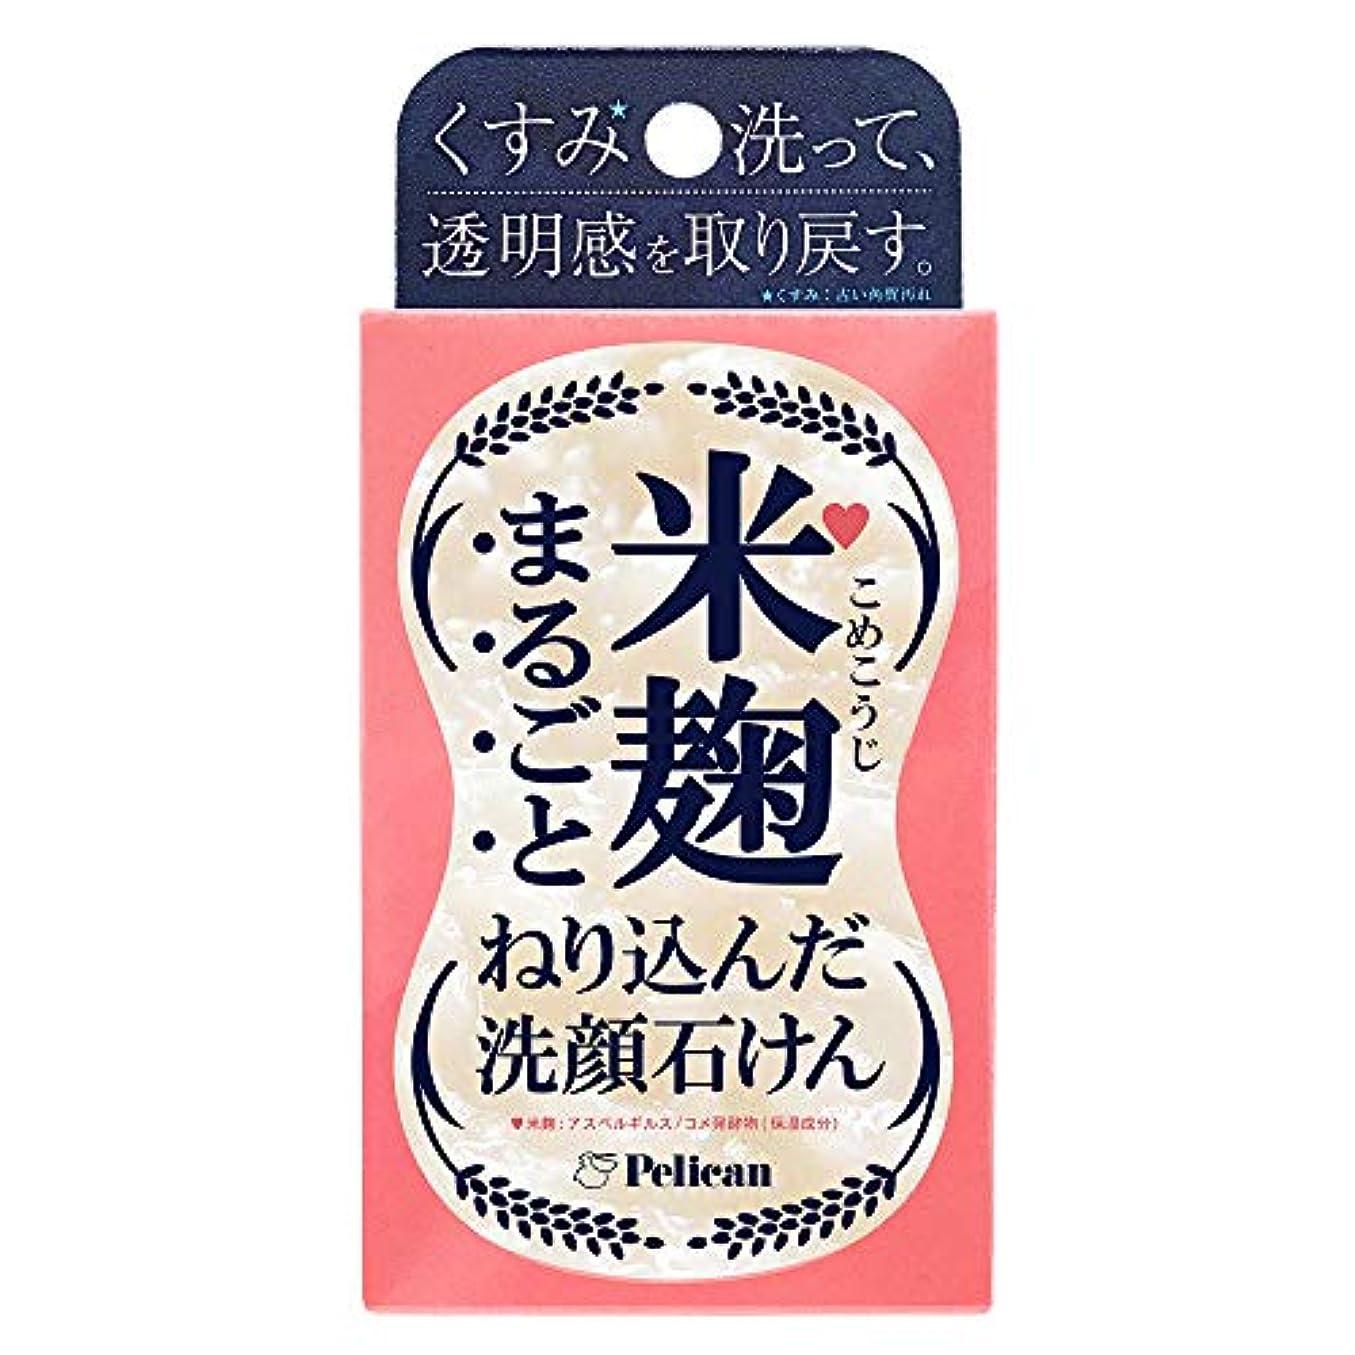 シャッフル太鼓腹キルトペリカン石鹸 米麹まるごとねり込んだ洗顔石けん 75g